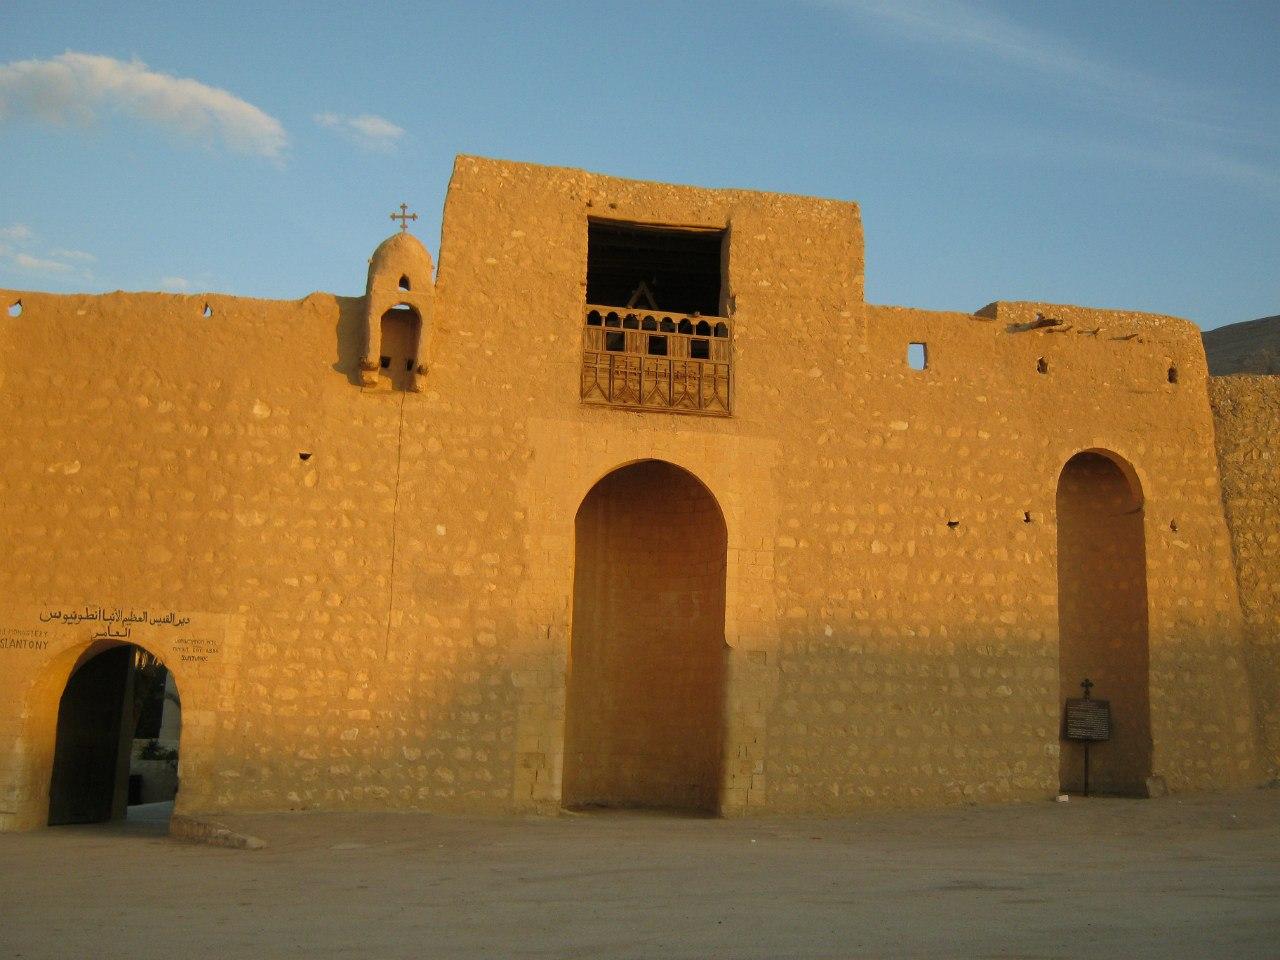 крепость монастыря Святого Антония